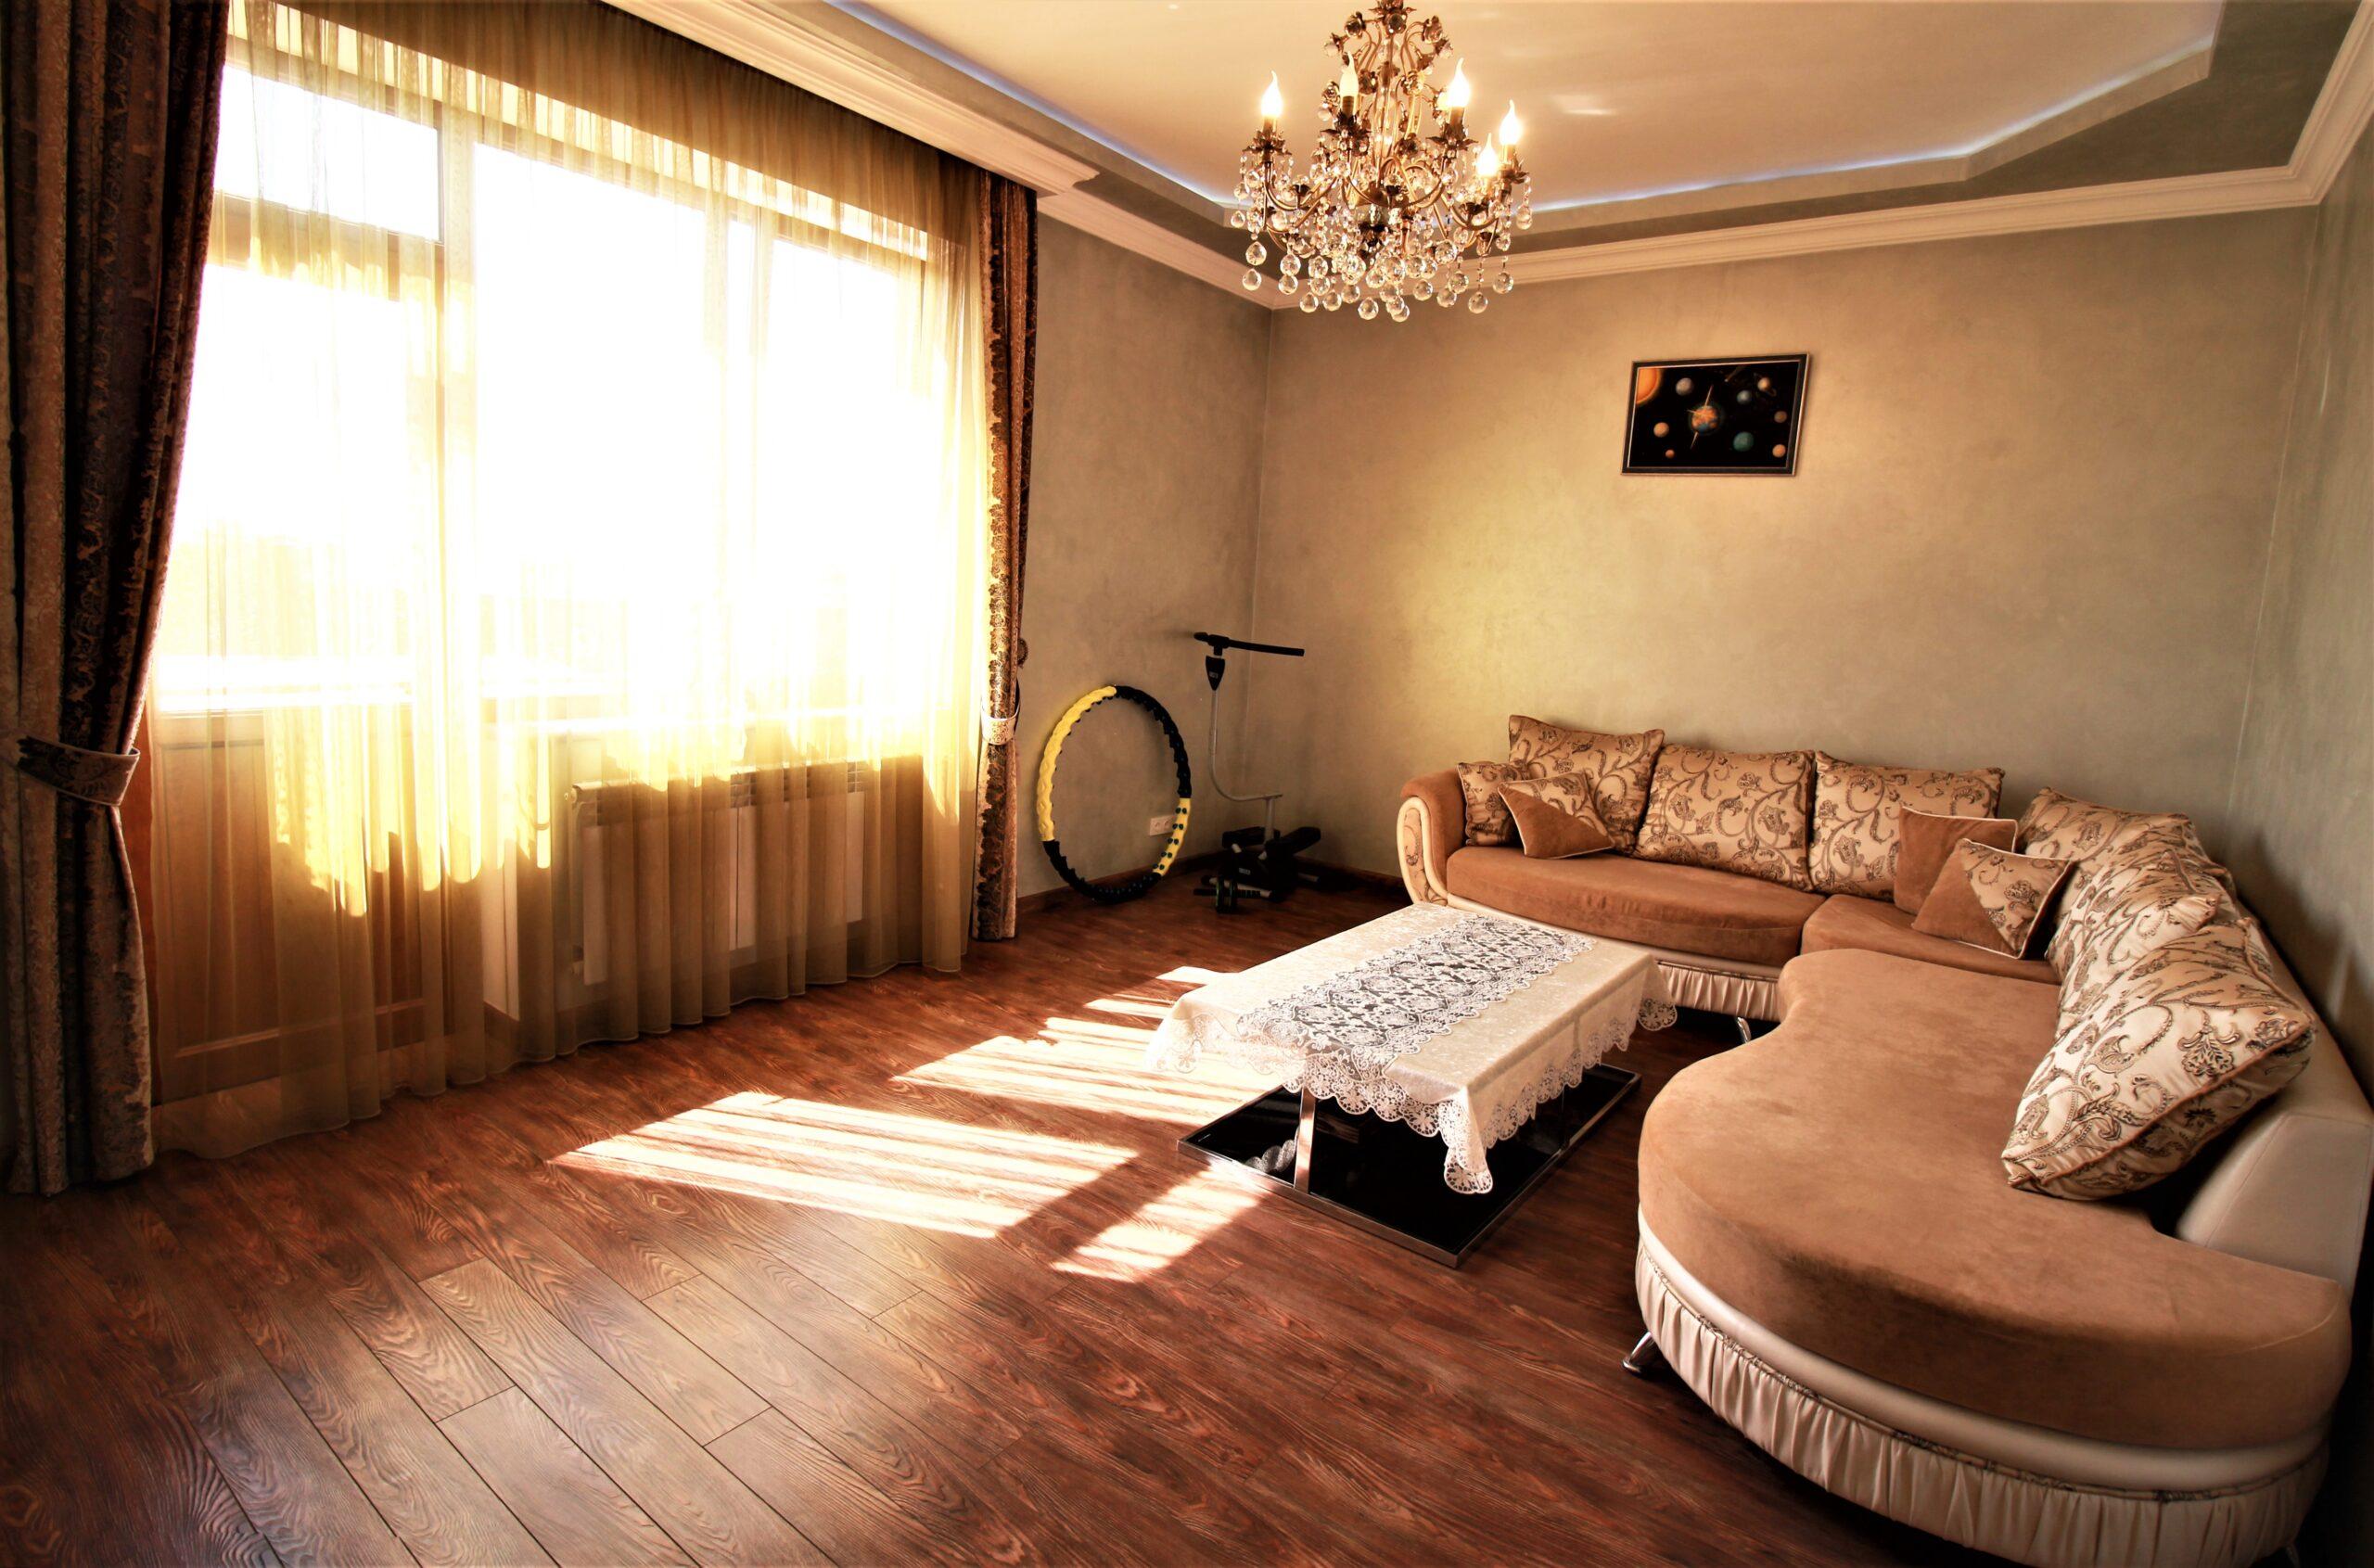 Տիգրան մեծի պողոտա, 3 սենյականոց նորակառույց շենքում, Կոդ KN042